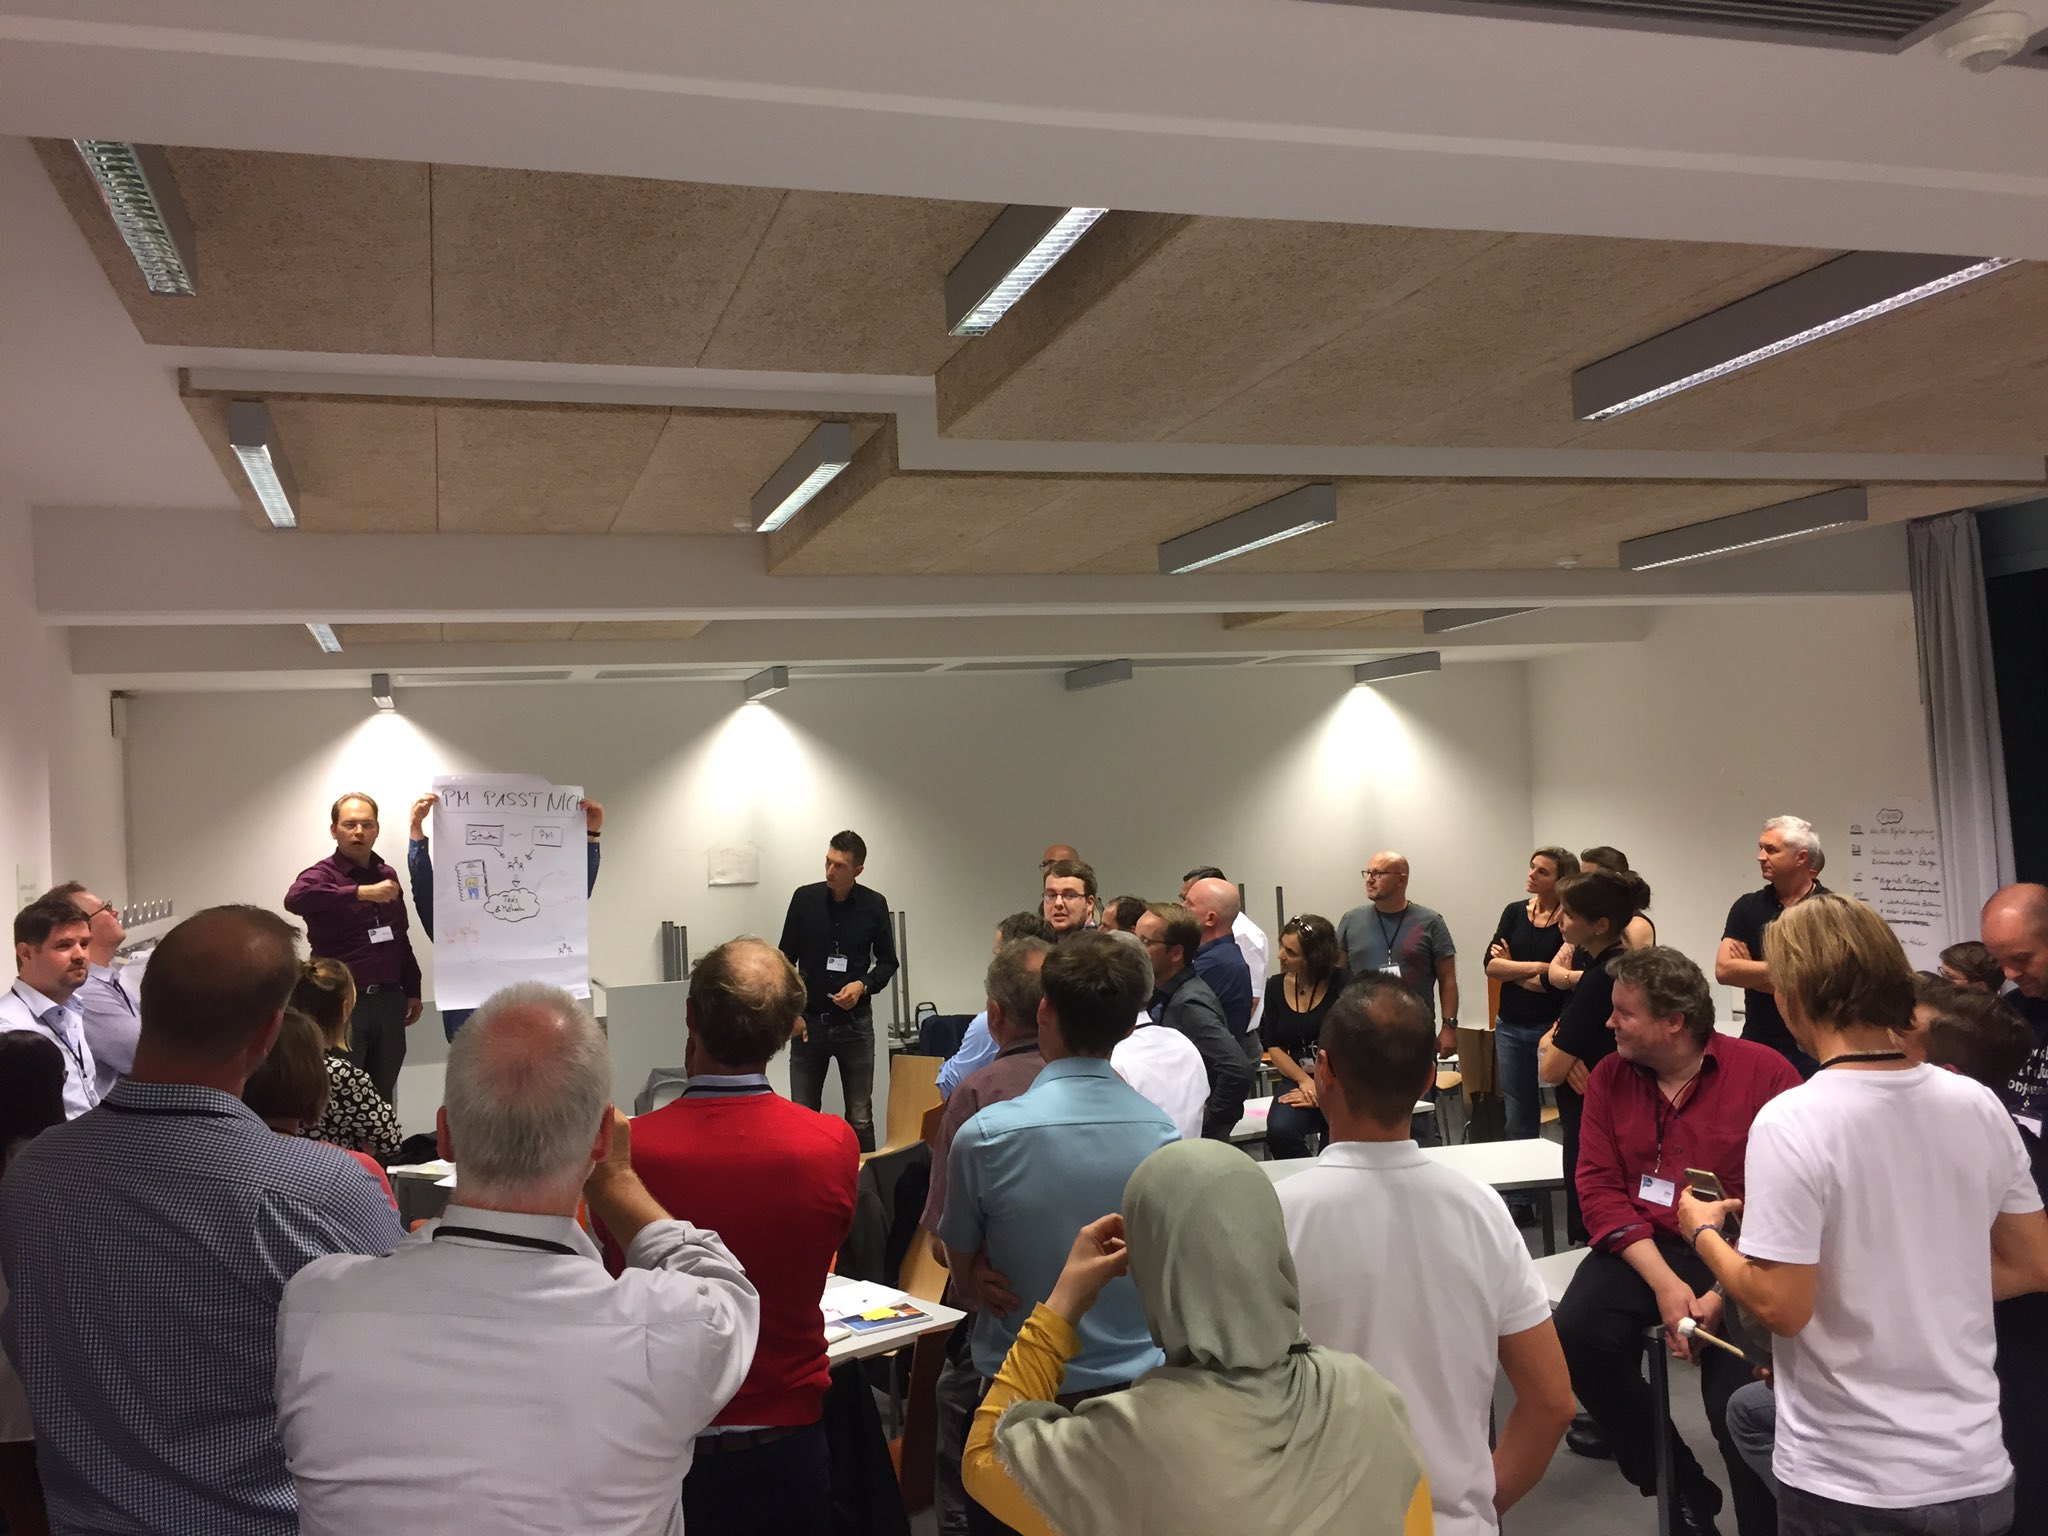 Präsentation der Workshop-Ergebnisse macht Lust auf mehr #pmcampber https://t.co/FvP14M87nH